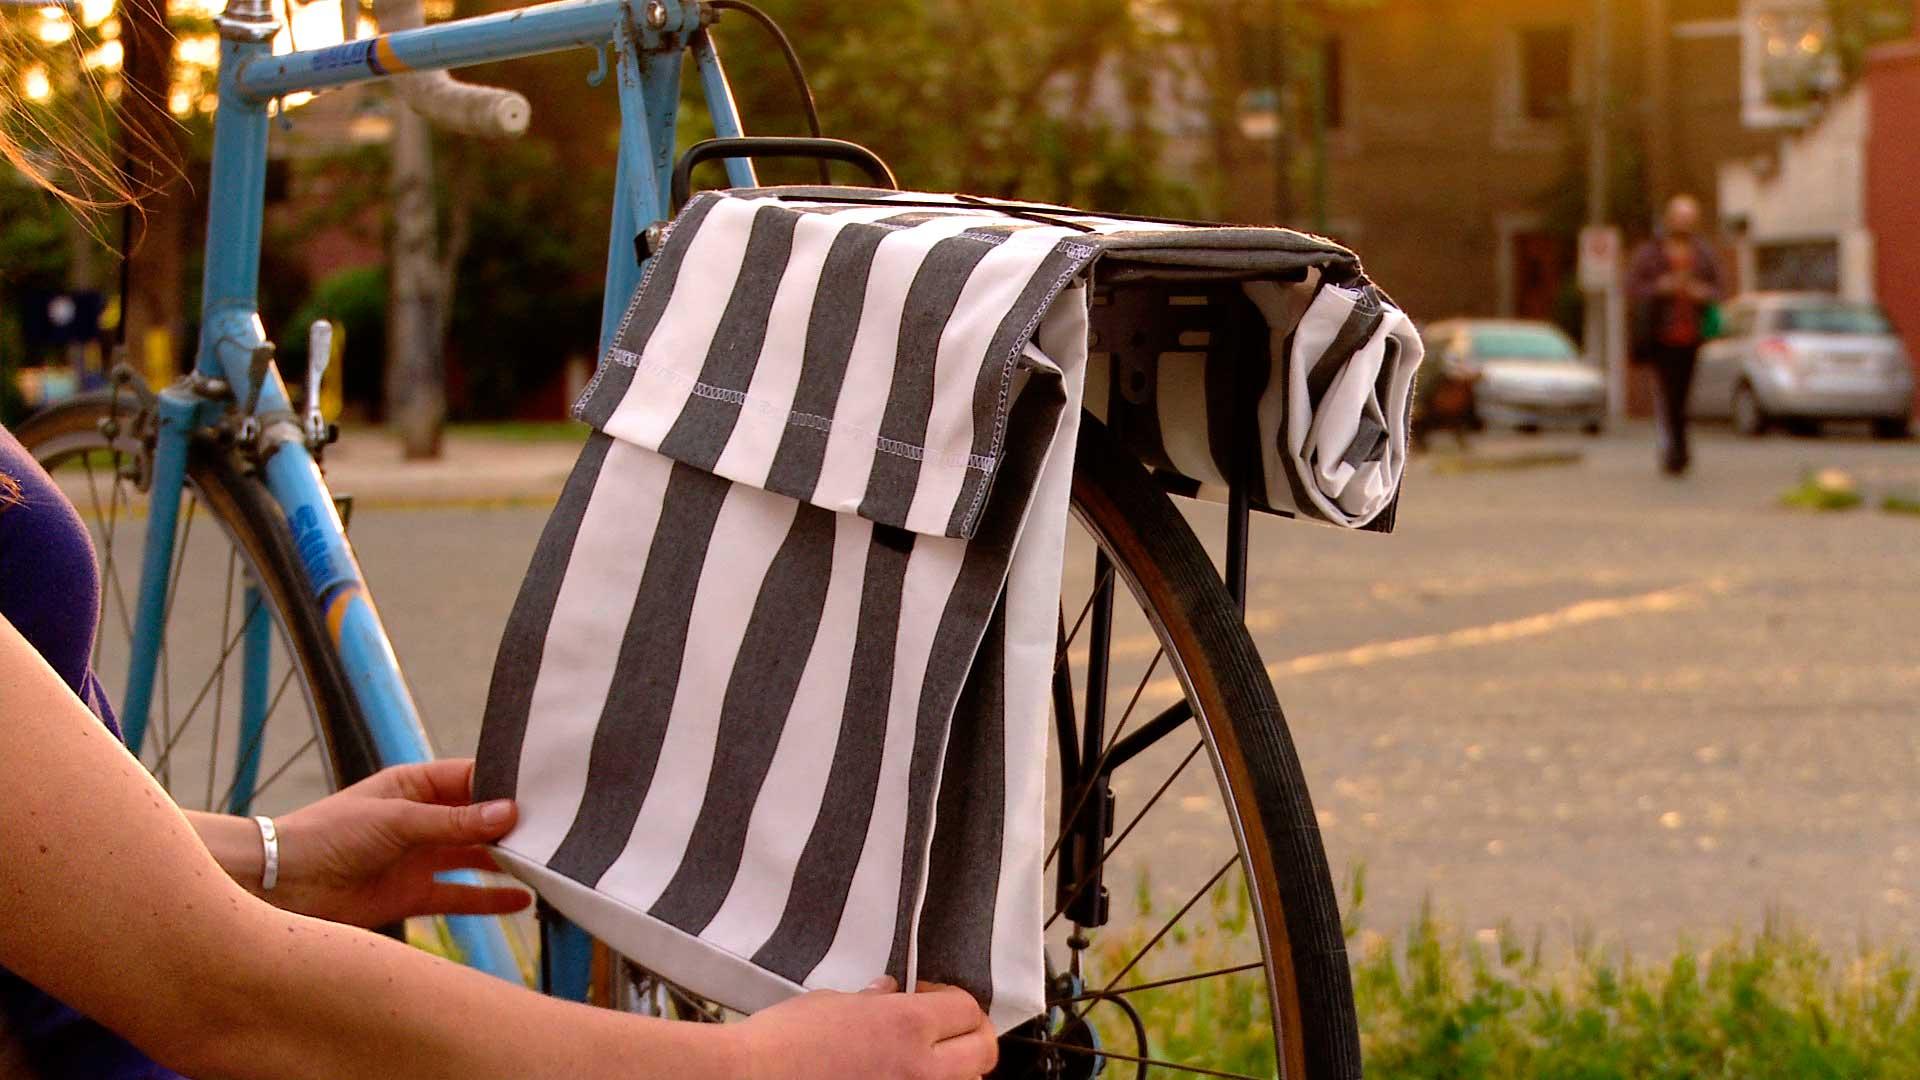 Los implementos para transportar carga en las bicicletas son tan antiguos como ellas. El más popular es el canasto, pero también se usan las correas o cajas para la parrilla, nosotros haremos una alforja. Esto permitirá descansar la espalda y no cargarla con peso que puede dañar la postura.